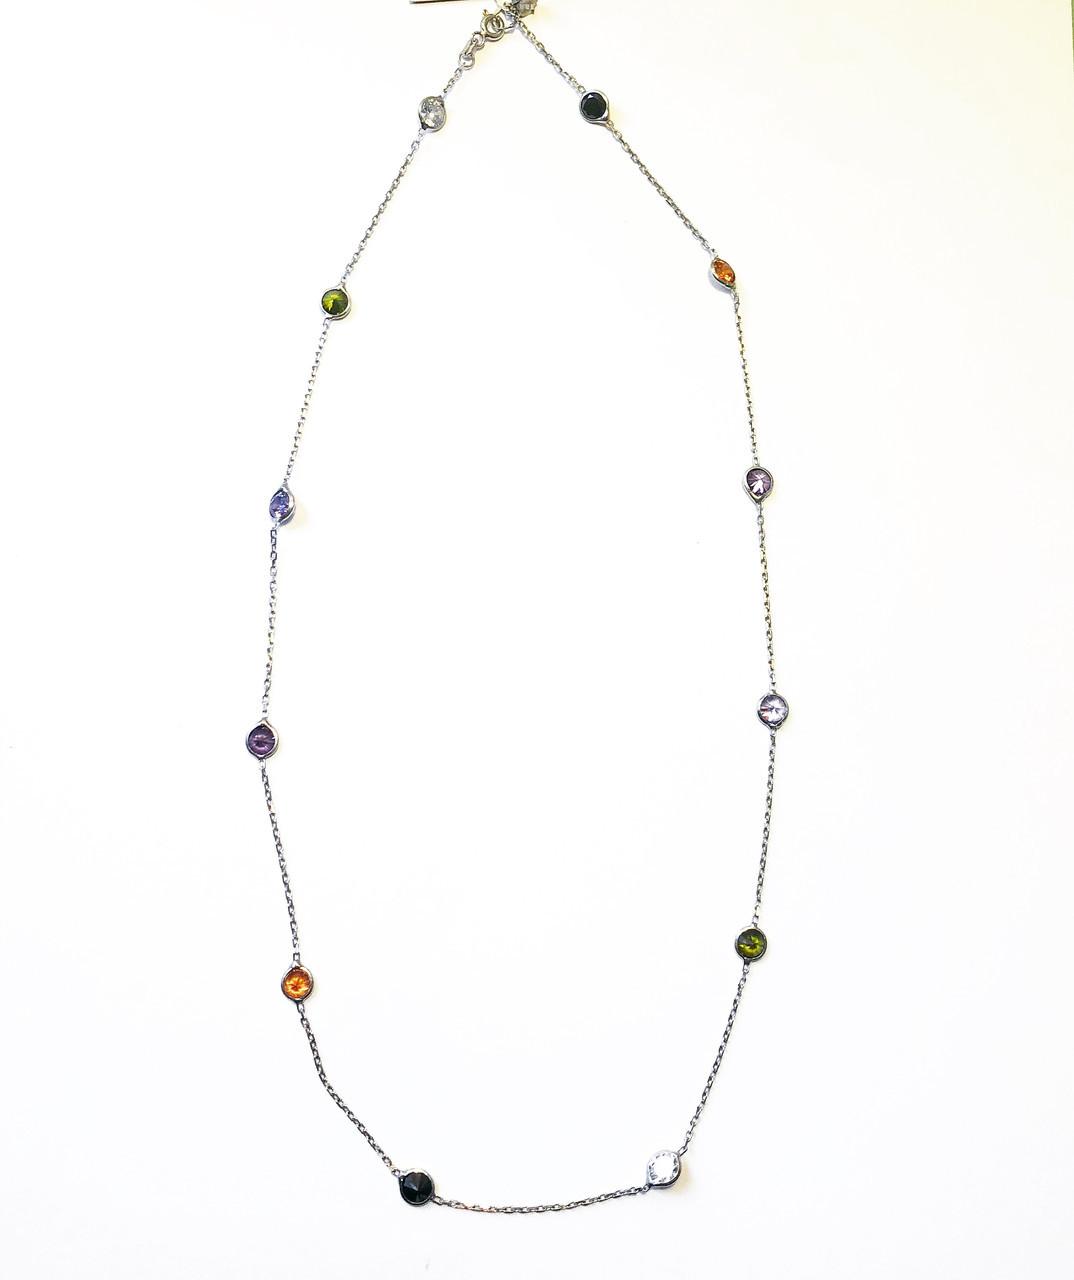 Цепочка колье из серебра 925 Beauty Jewels цветные цирконы